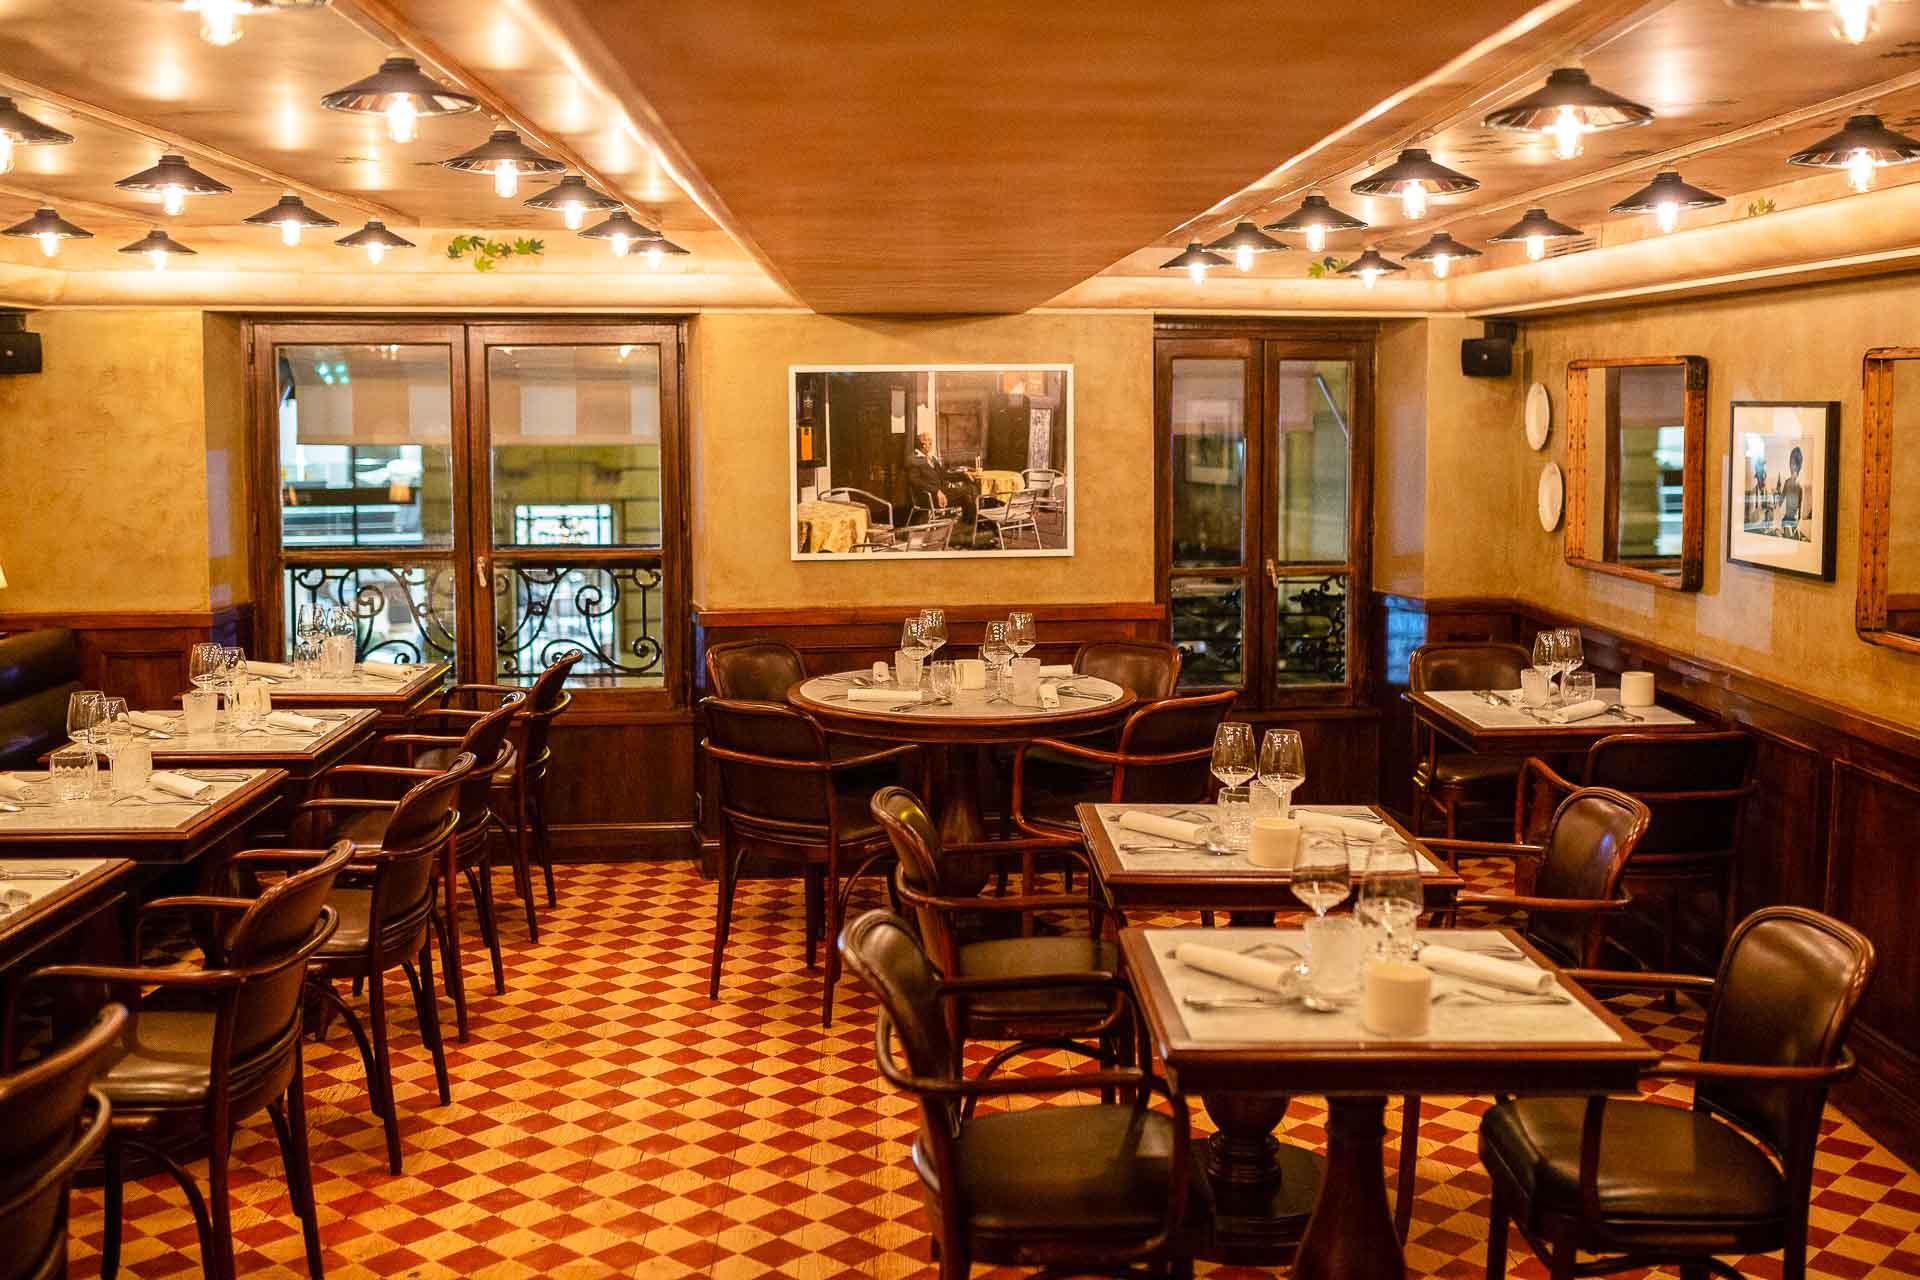 Direction la rue du Bac (7ème arrondissement) où Pierre Gagnaire inaugurait le 12 janvier dernier Piero TT, une trattoria chic en lieu et place de son ancien Gaya. Il y célèbre le meilleur de la cuisine italienne avec le concours du chef sicilien Ivan Ferrara.